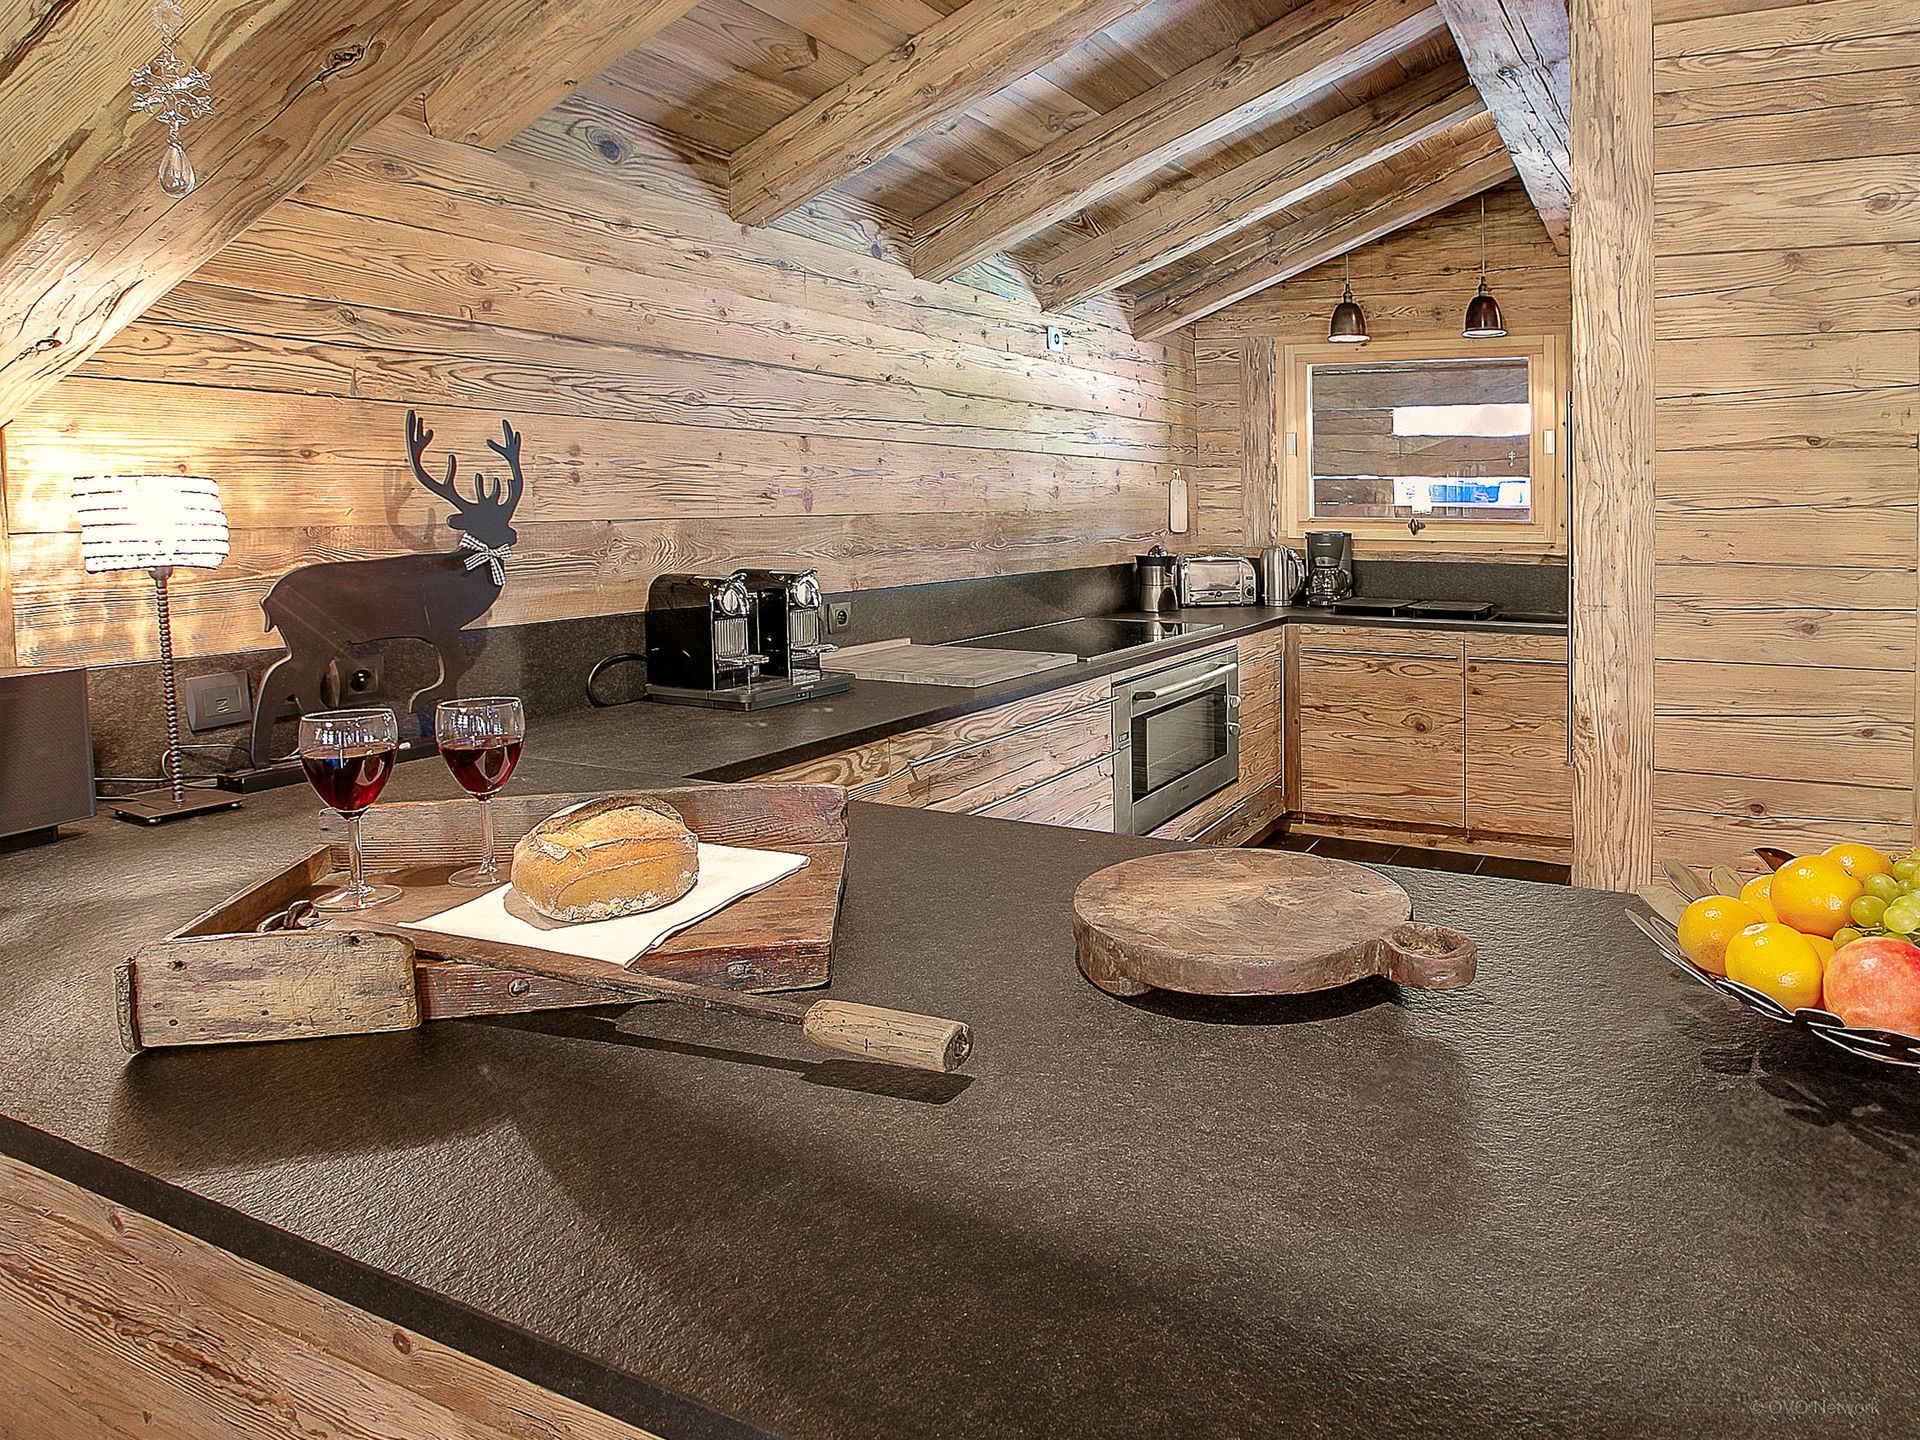 la clusaz superbe ferme am nag e 12 personnes cinq chambres quatre salles de bains hammam. Black Bedroom Furniture Sets. Home Design Ideas